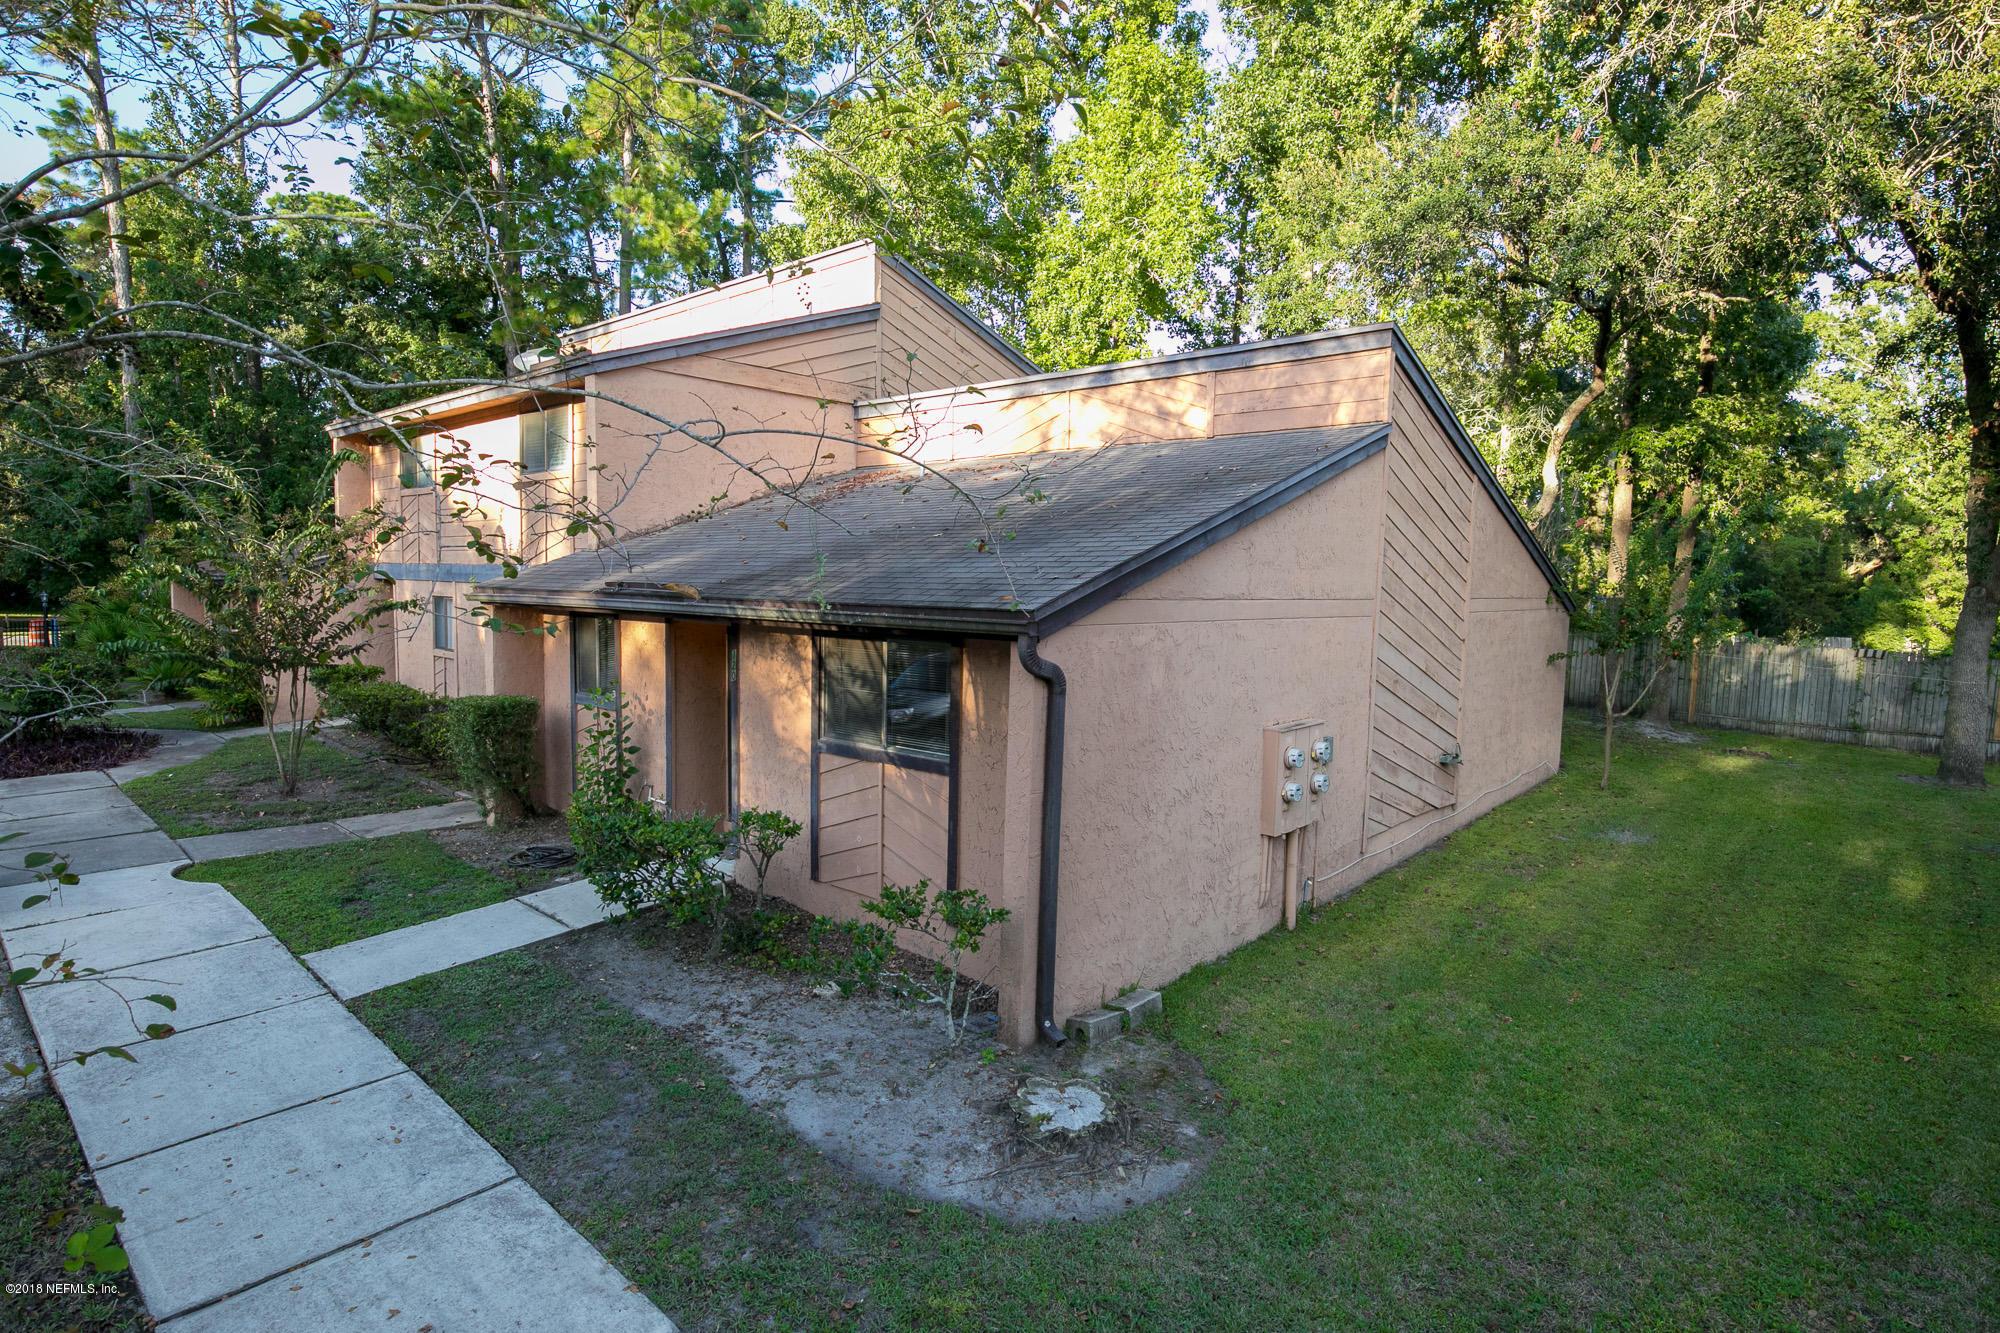 1188 GANO, ORANGE PARK, FLORIDA 32073, 2 Bedrooms Bedrooms, ,2 BathroomsBathrooms,Residential - condos/townhomes,For sale,GANO,967967